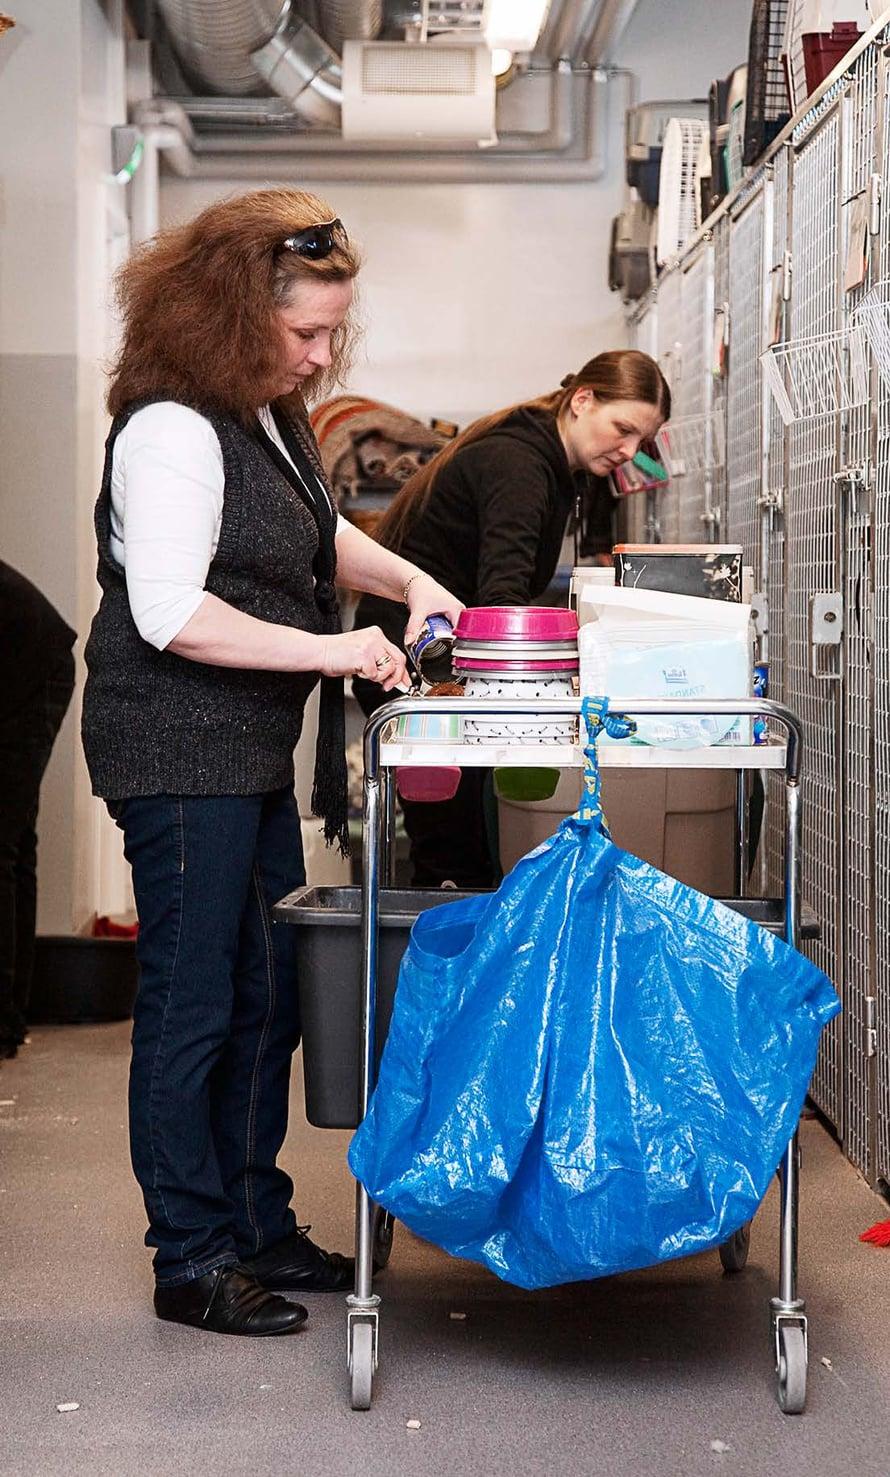 Jokaiselle eläimelle on oma kuppi. Työharjoittelija auttaa Heidiä ruuan jakamisessa.